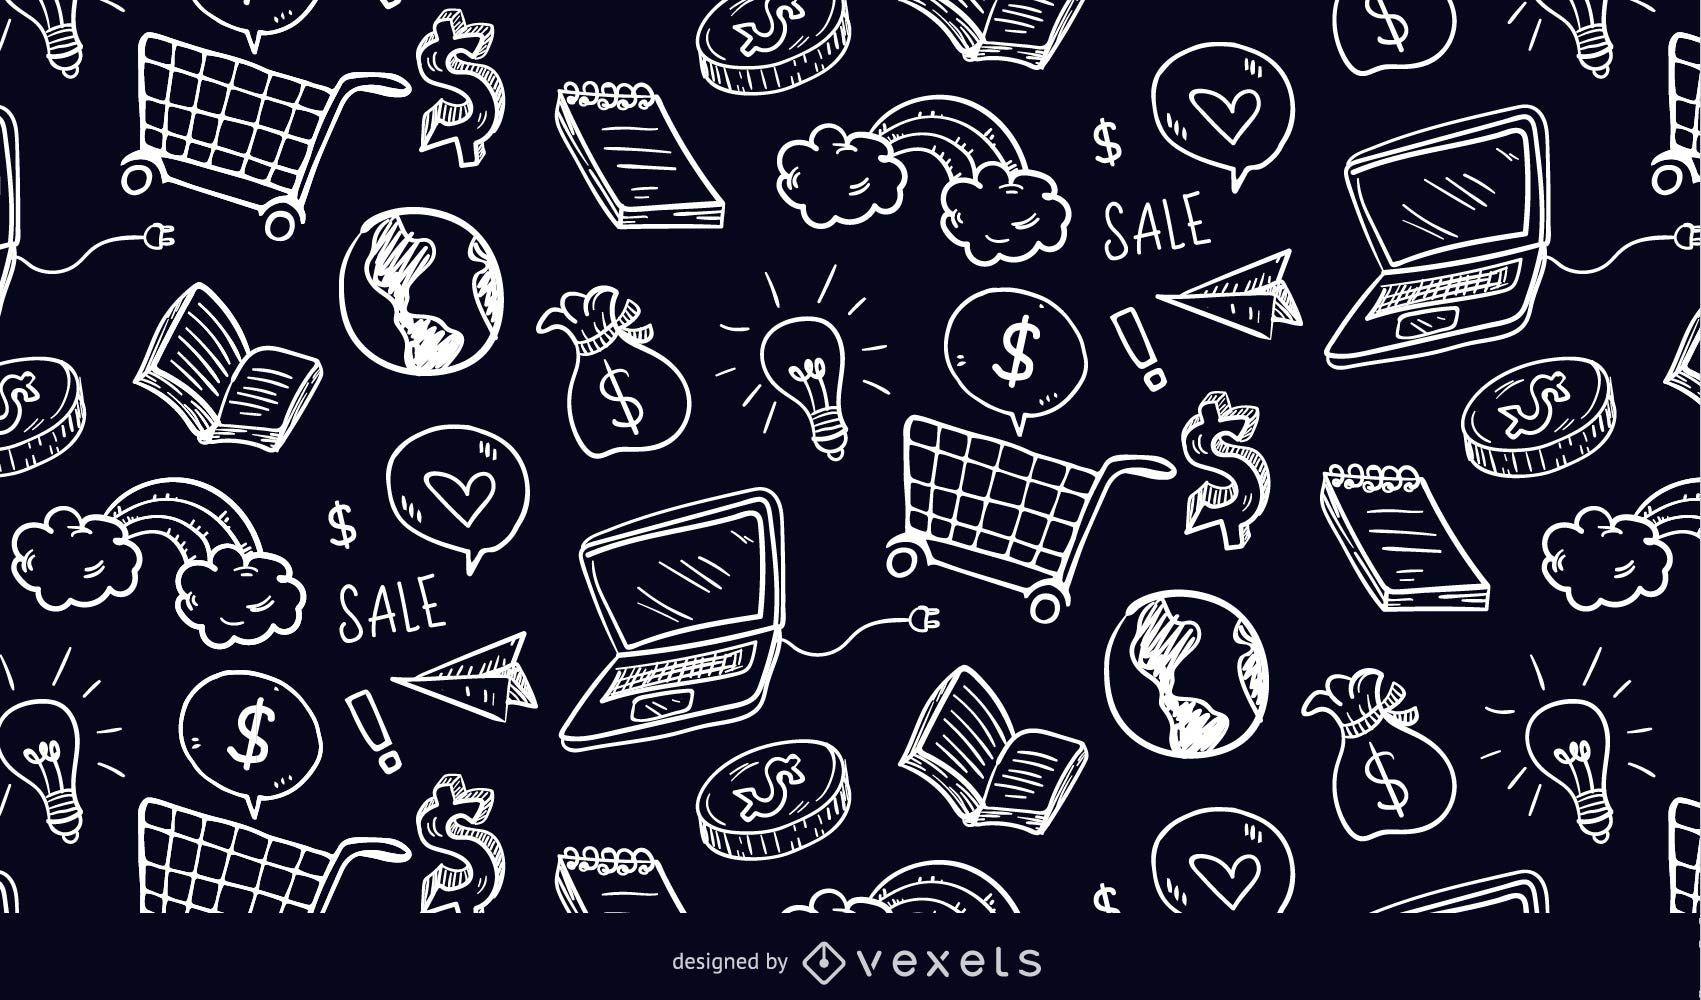 Elementos comerciales doodle patrón